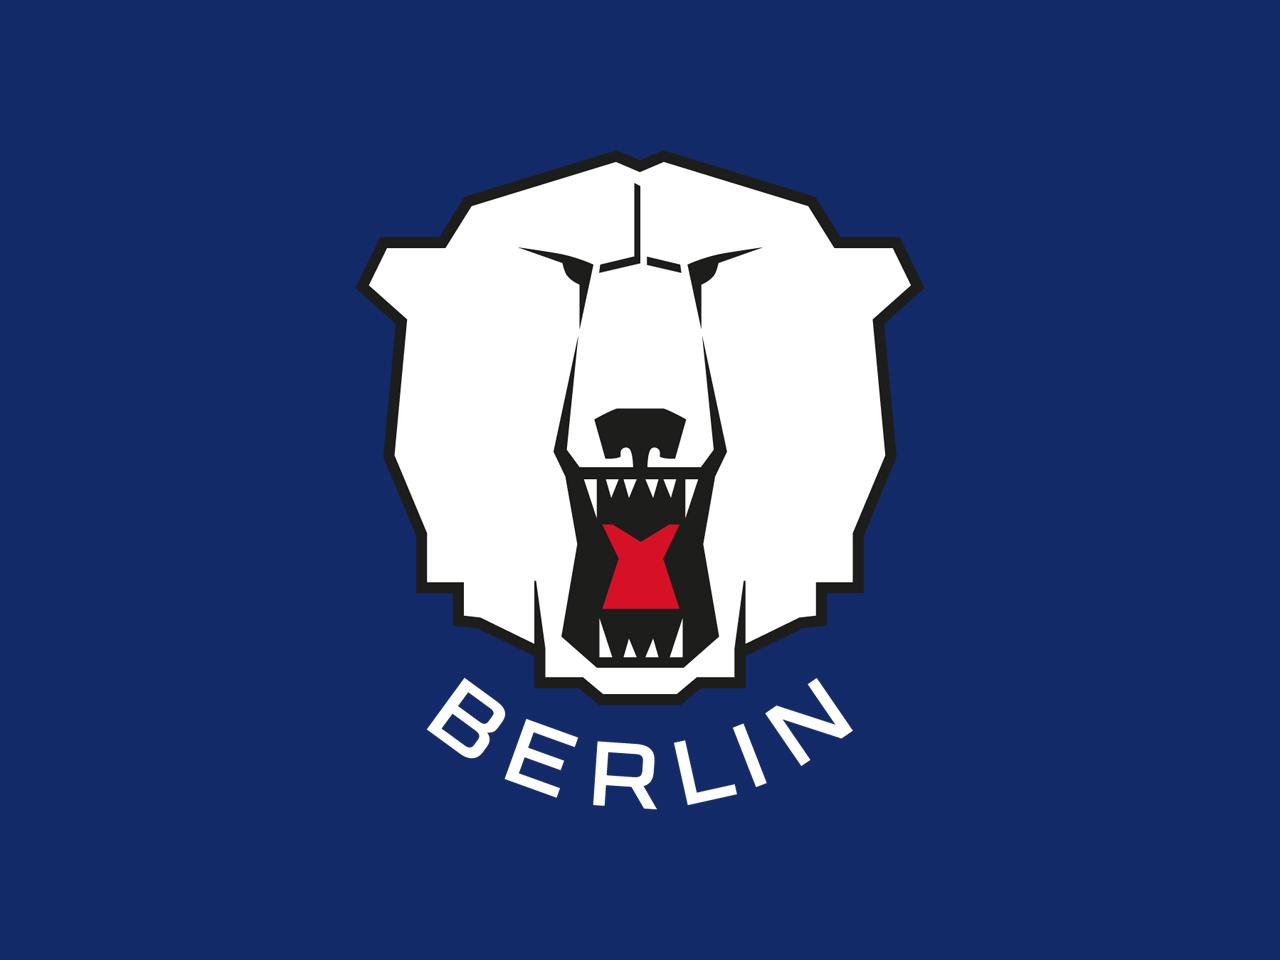 Eisbaren Berlin